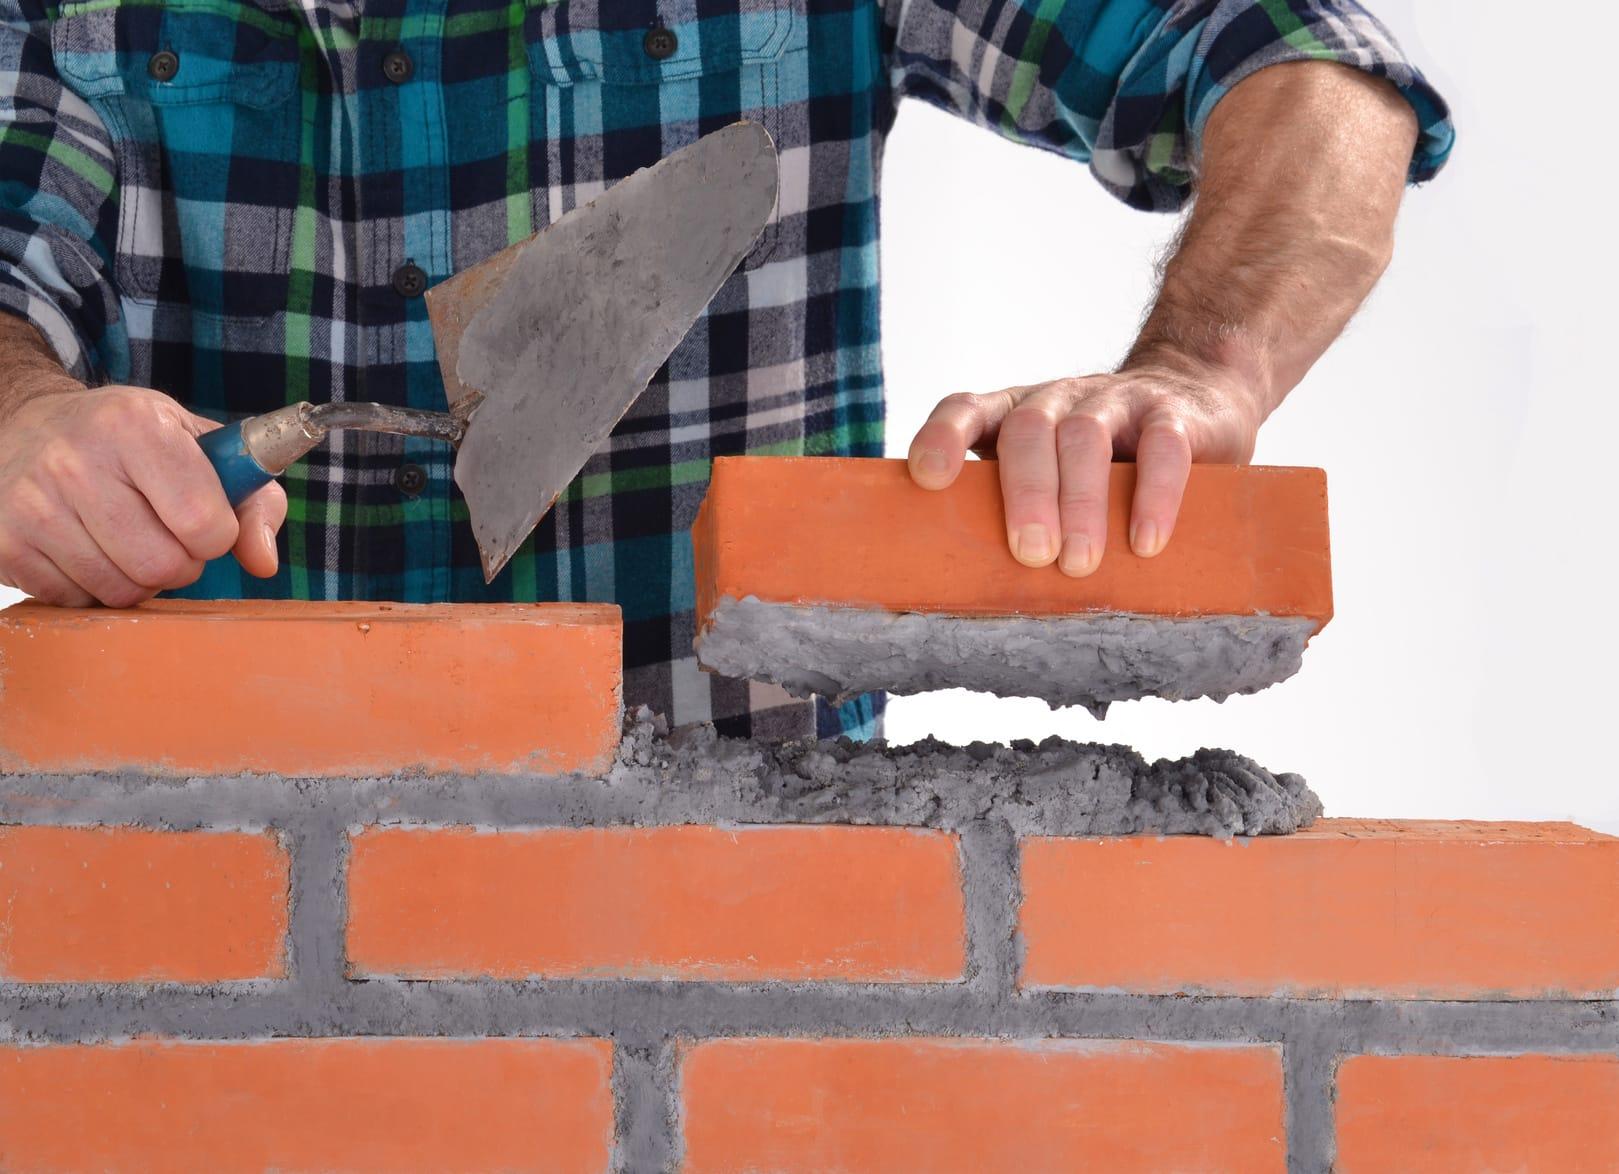 Monter un mur en brique facilement for Mur de brique exterieur